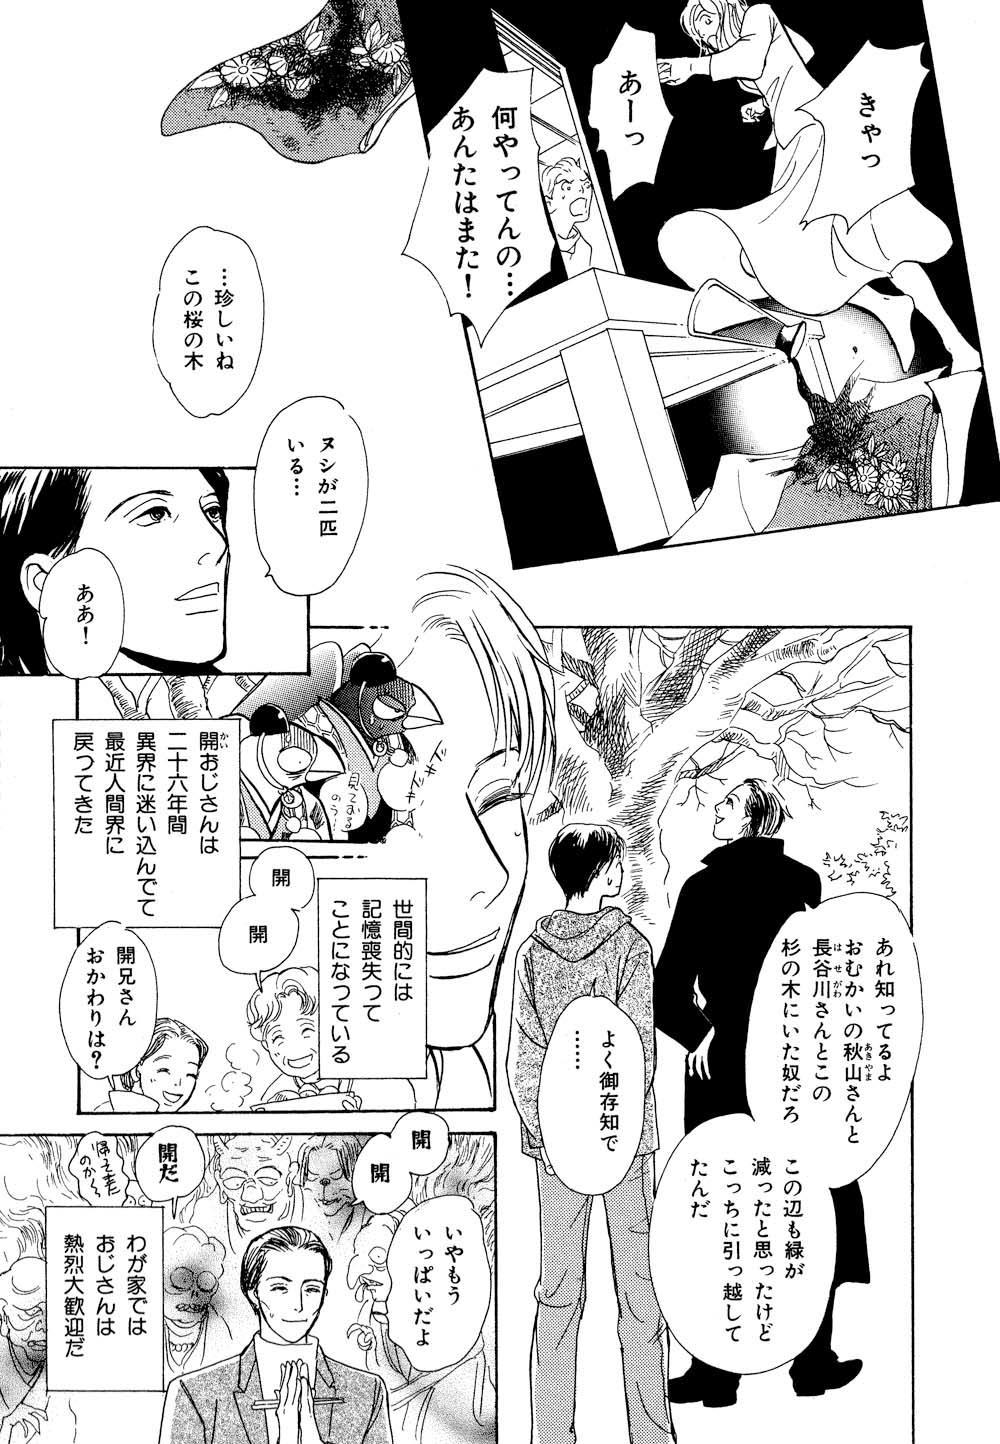 百鬼夜行抄_13_0081.jpg